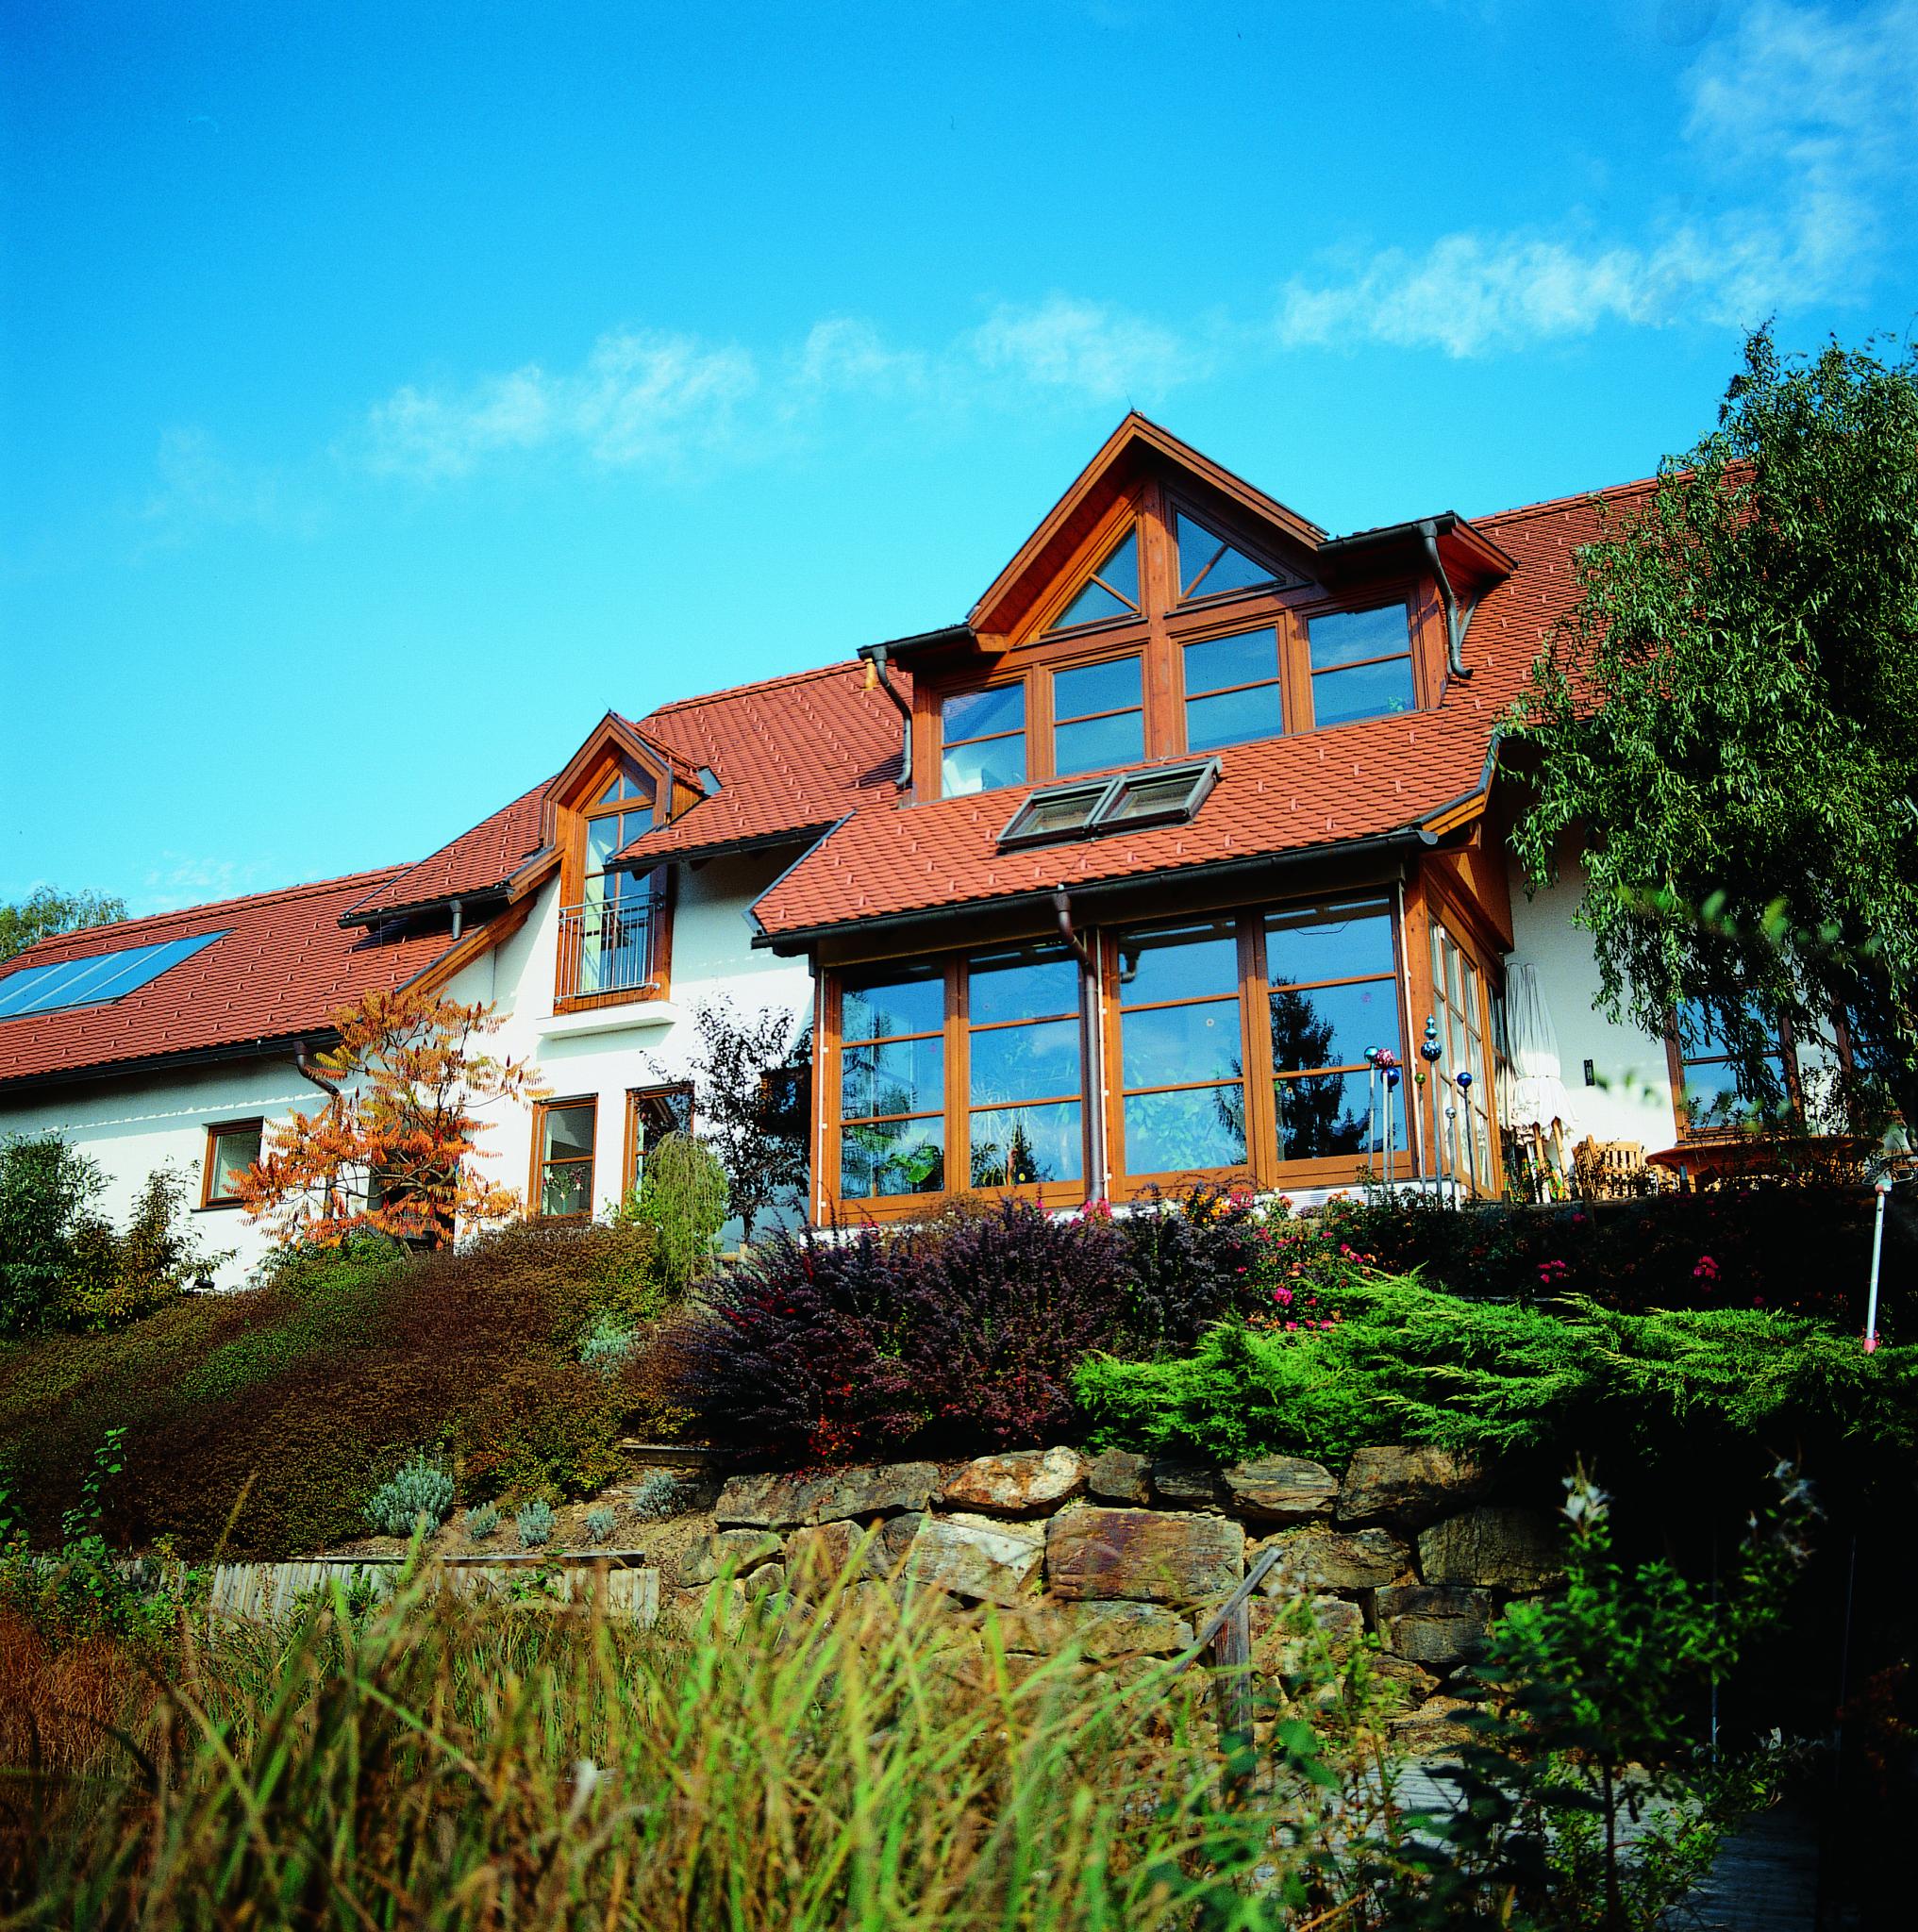 Gaulhofer Windows, Gaulhofer UK, Windows to Passive House